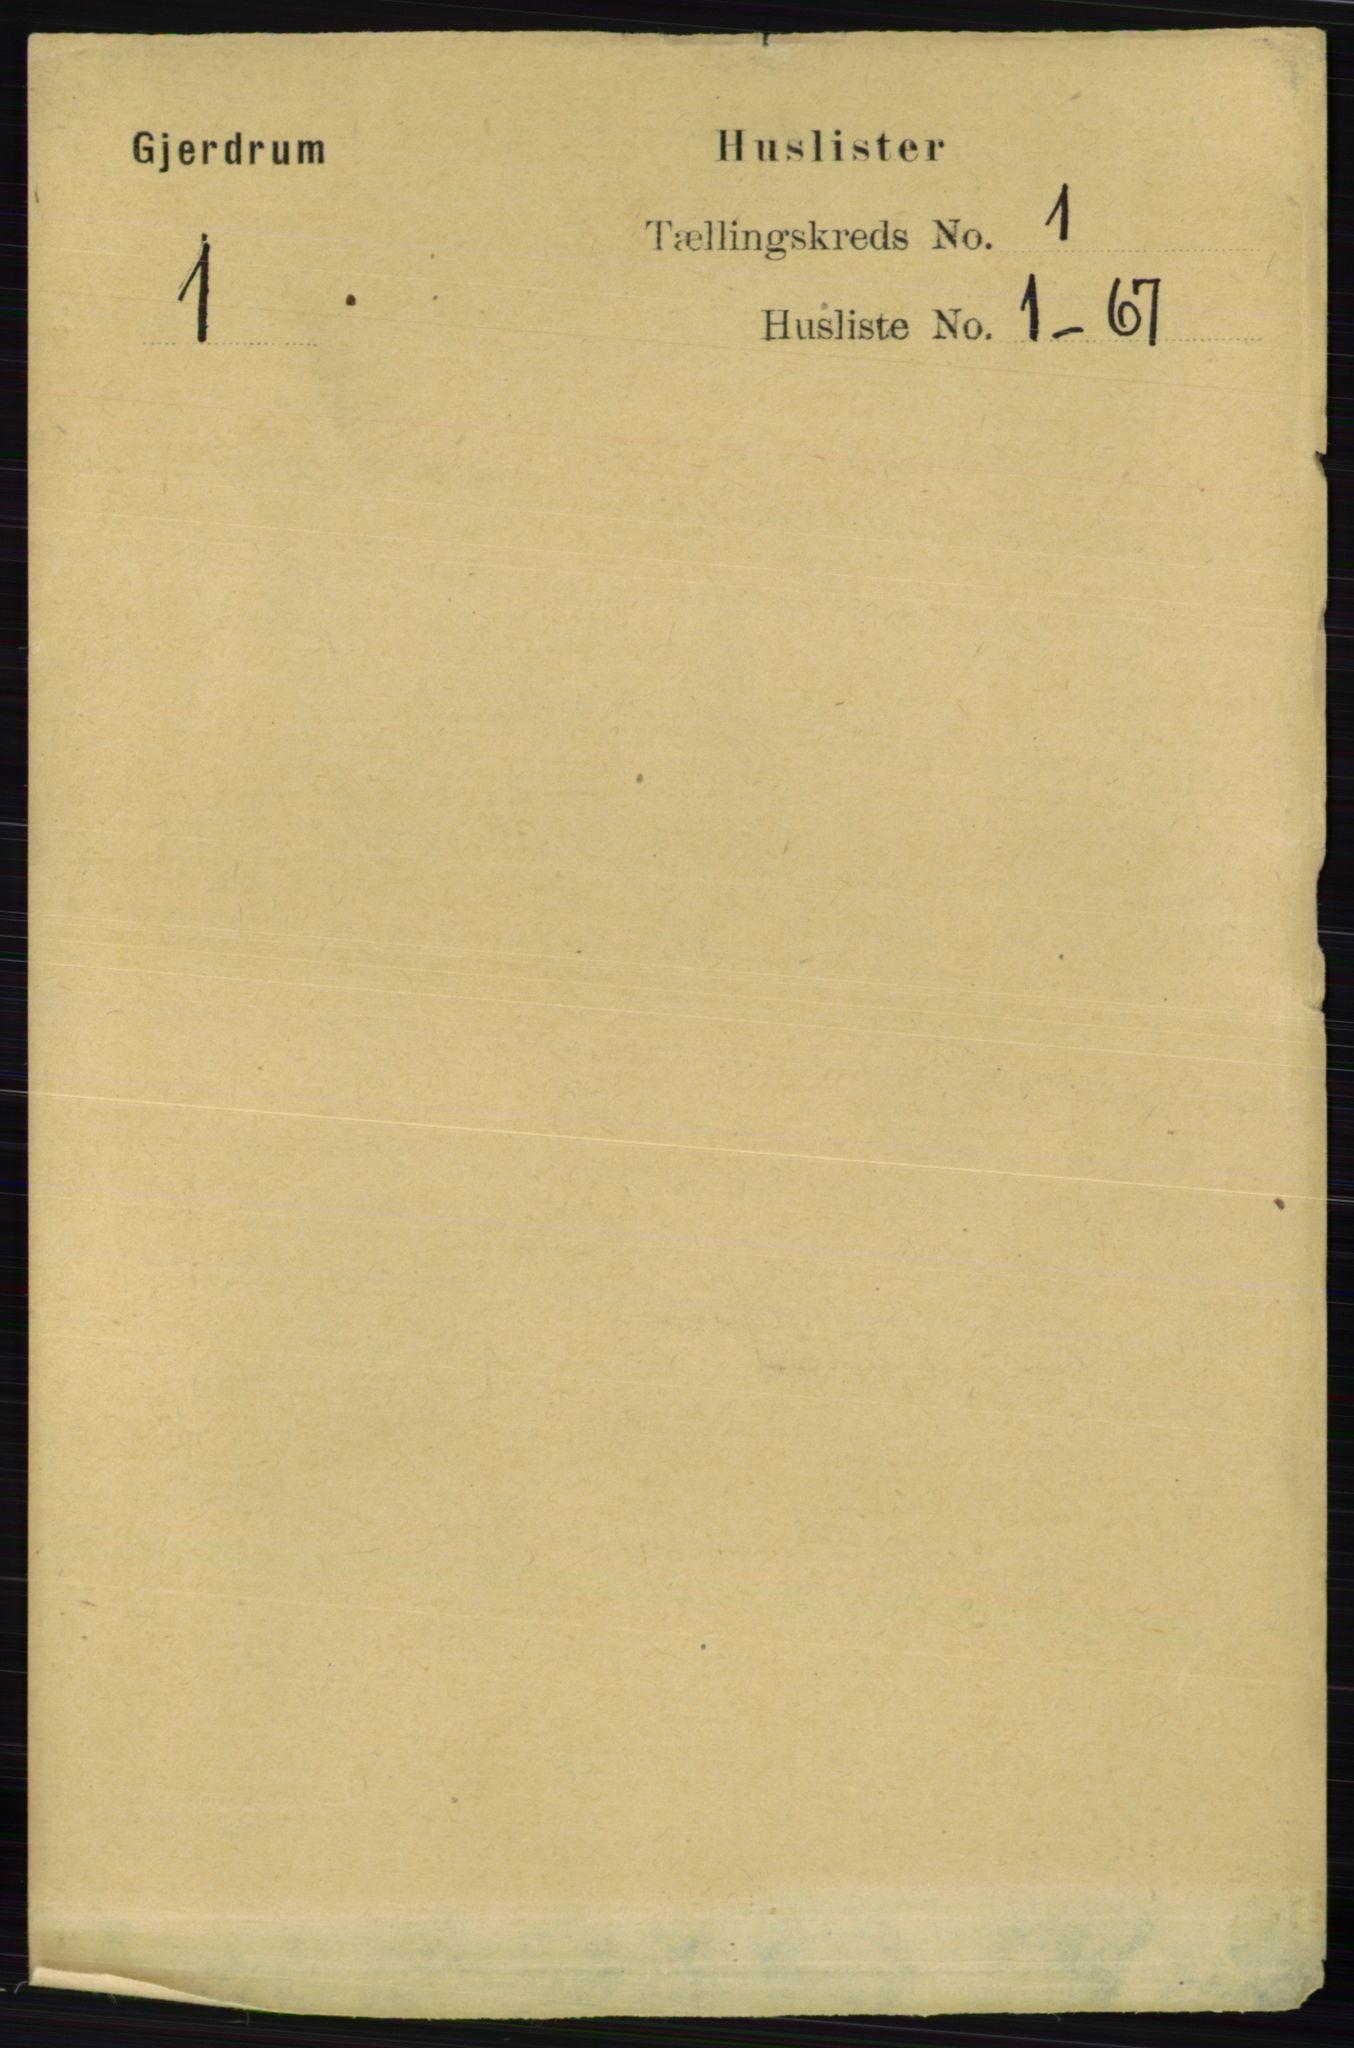 RA, Folketelling 1891 for 0234 Gjerdrum herred, 1891, s. 17